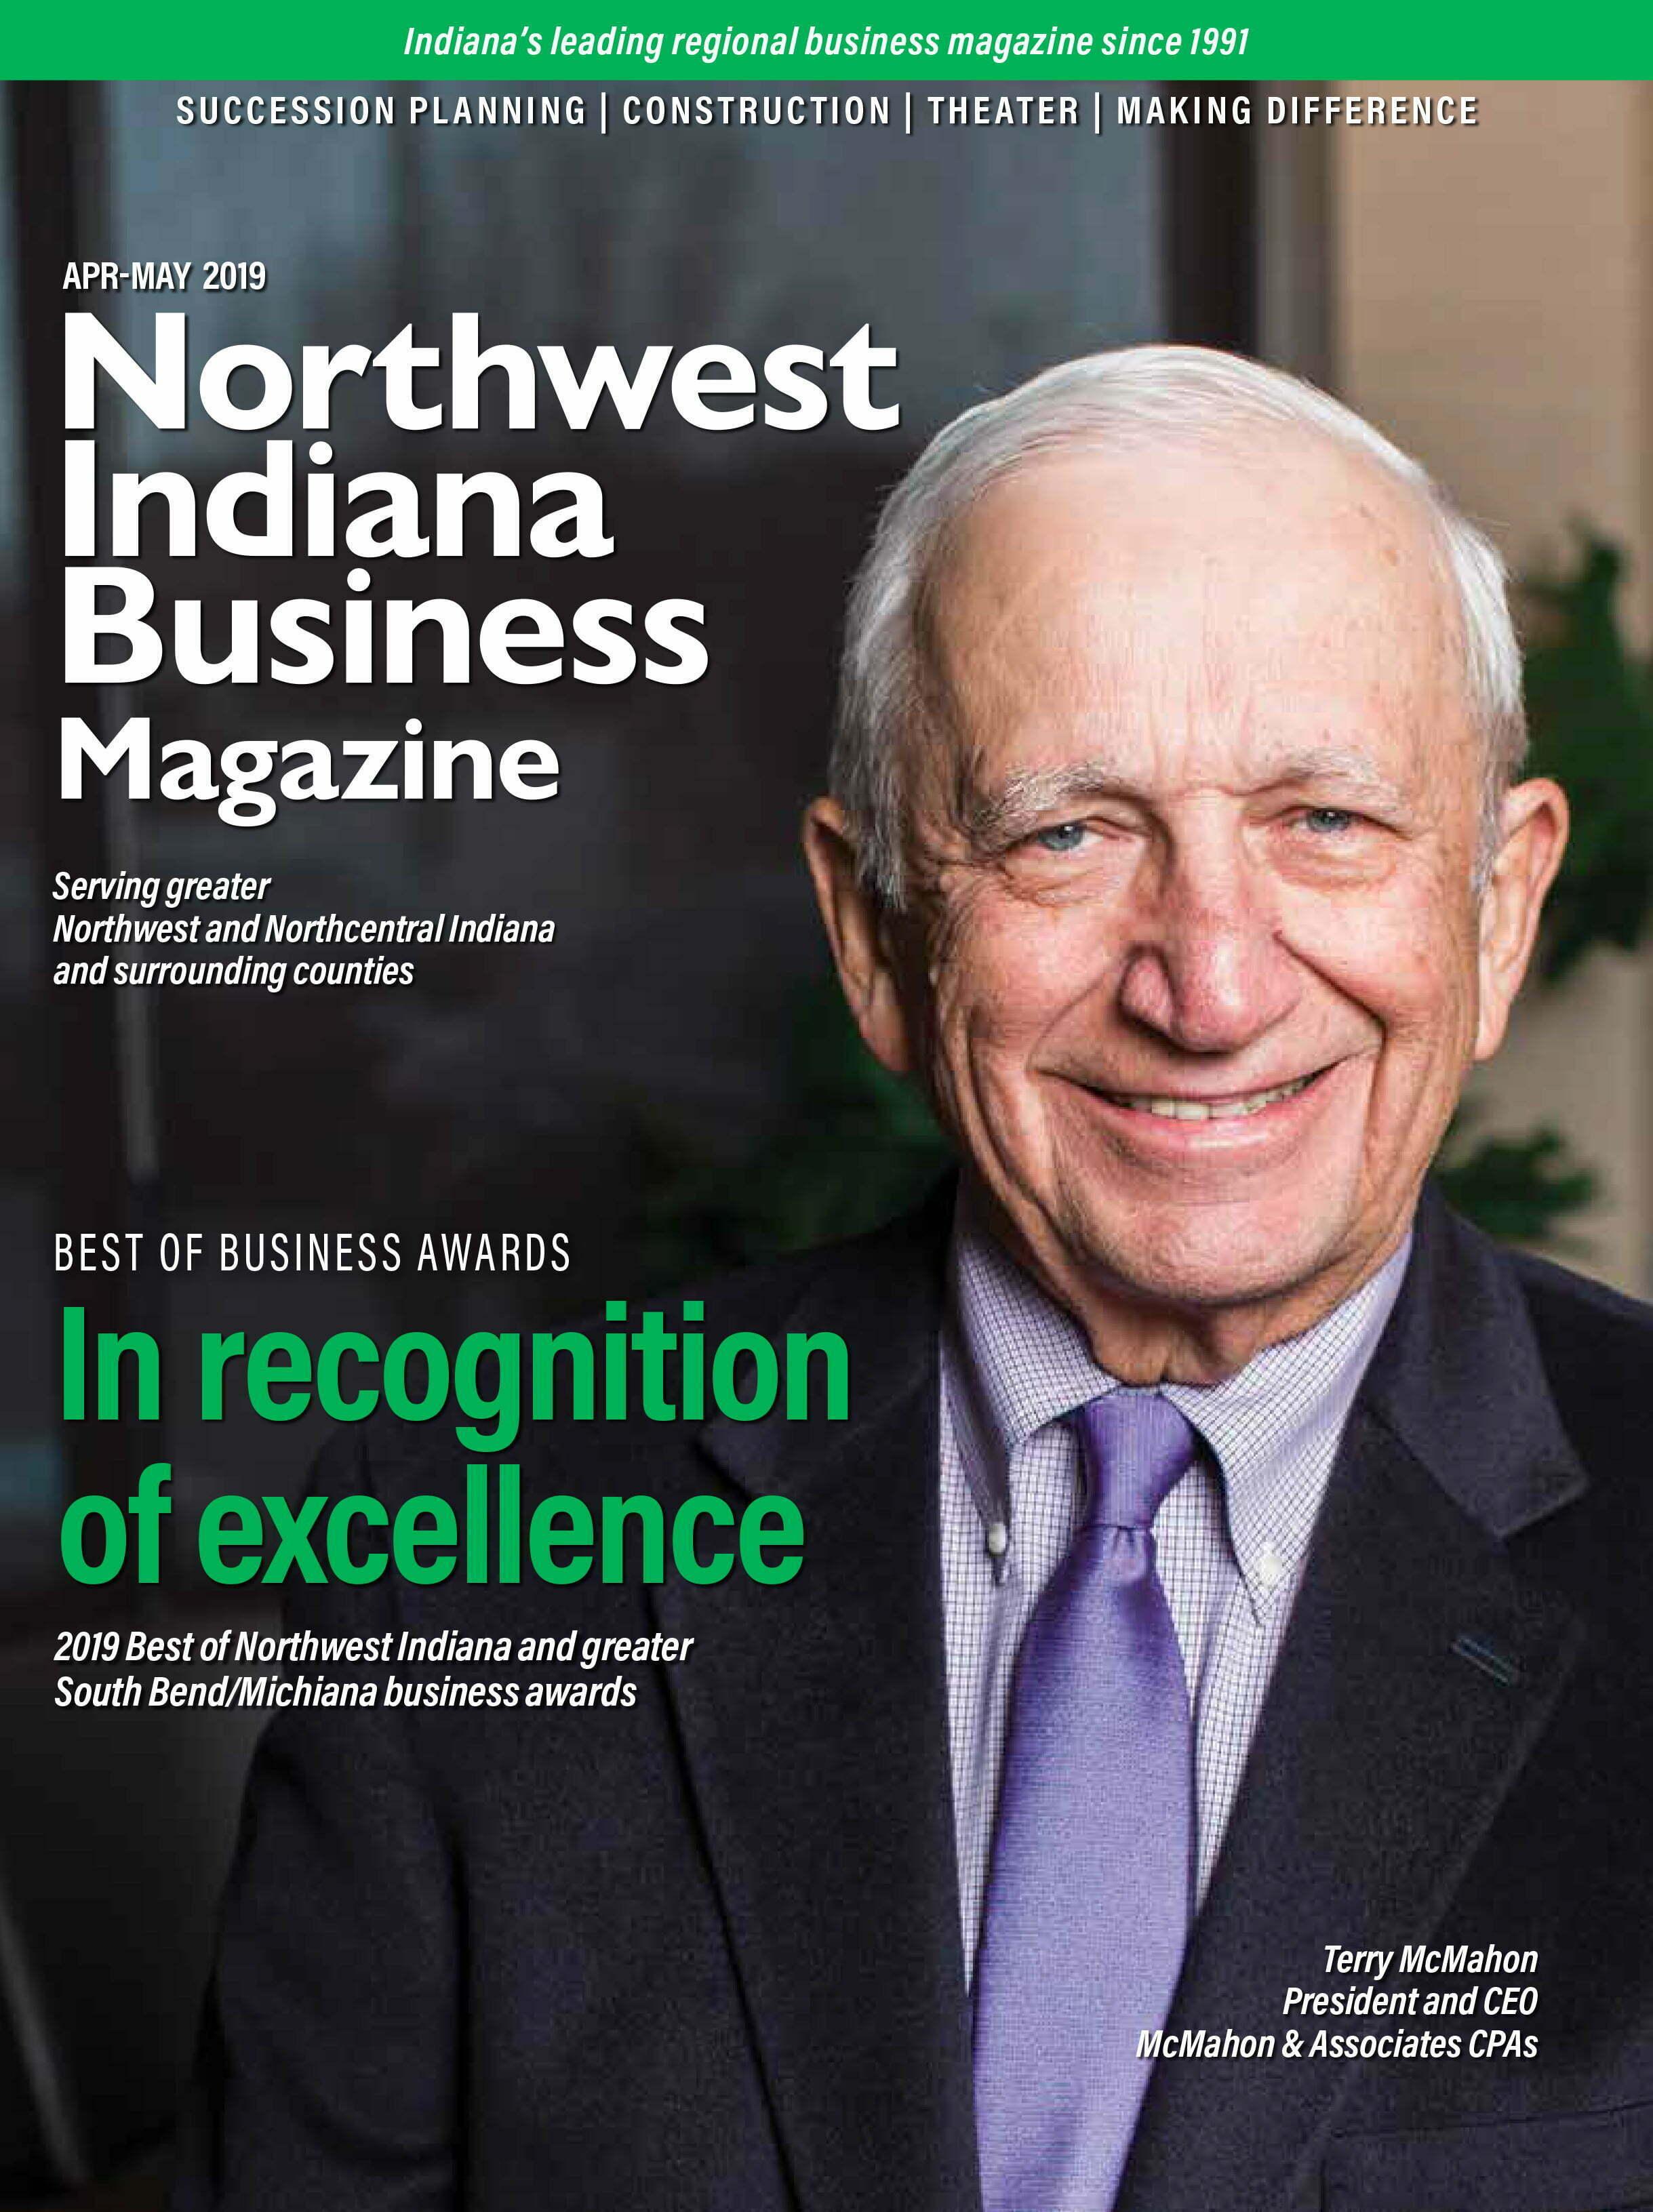 Northwest Indiana Business Magazine Apr-May 2019 issue